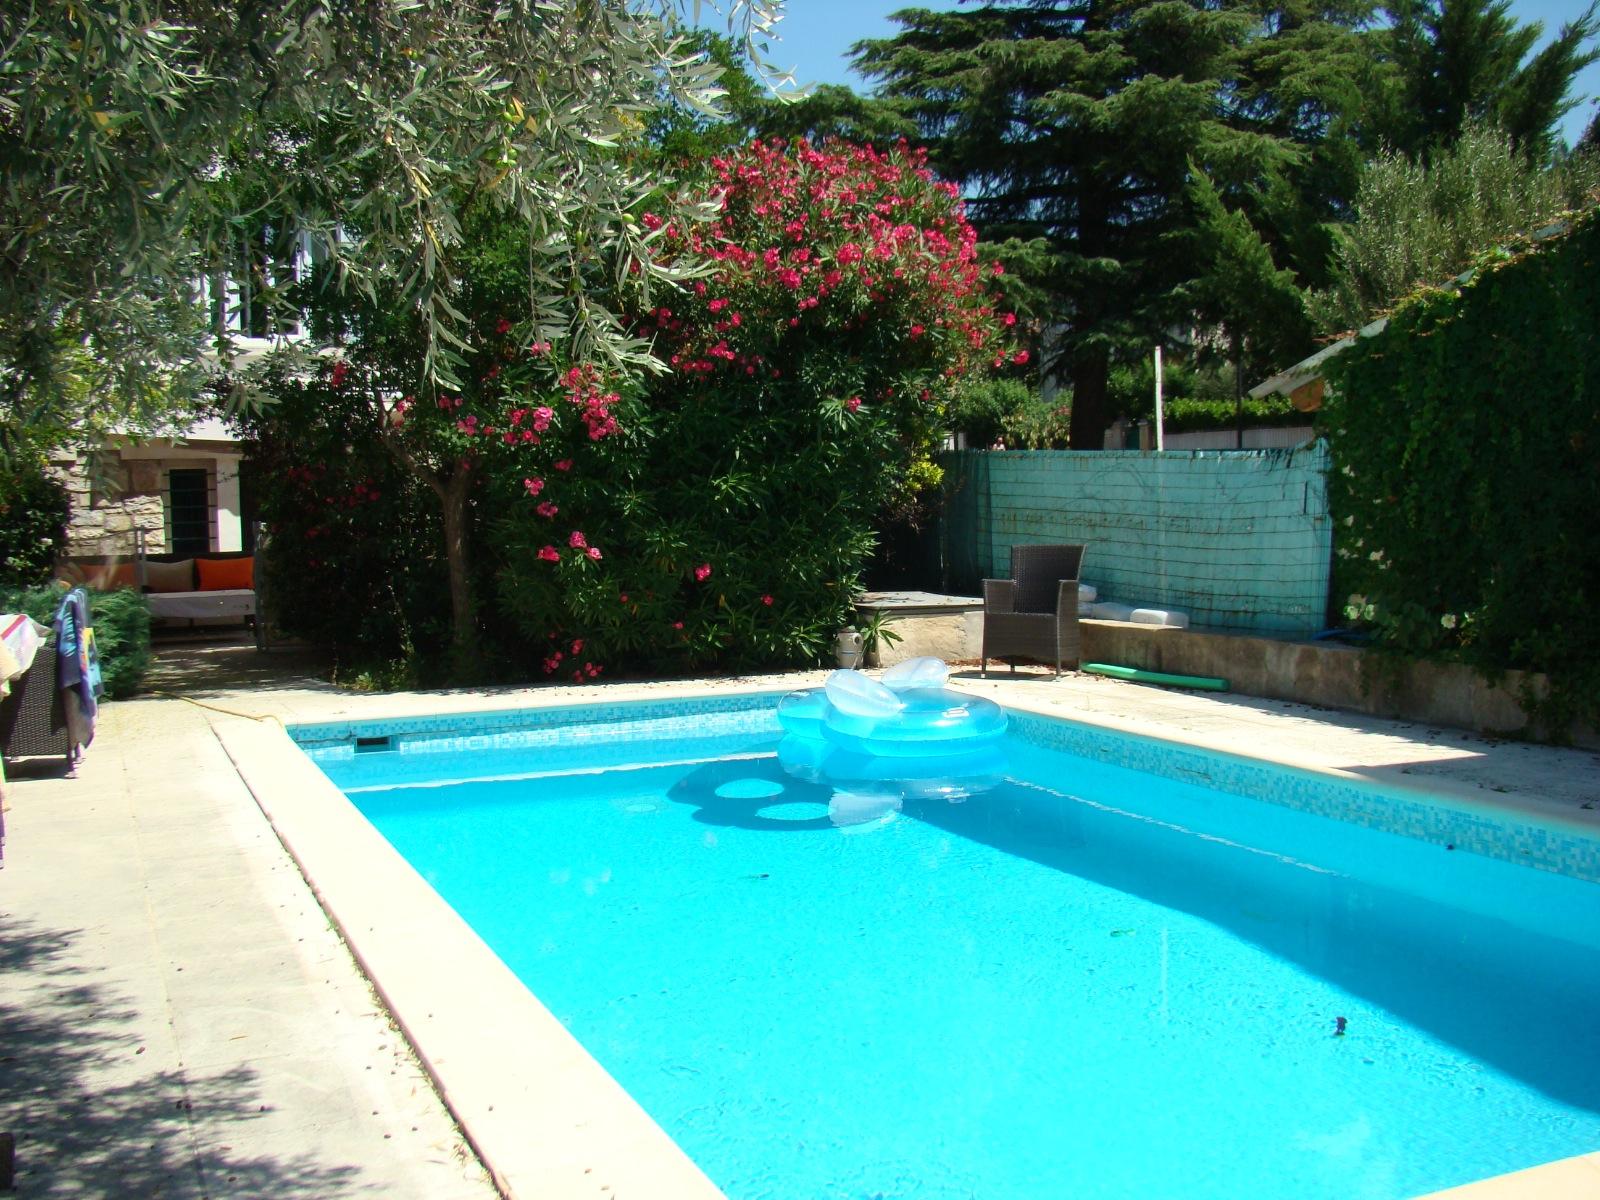 vente maison de maitre en centre ville avec jardin et piscine. Black Bedroom Furniture Sets. Home Design Ideas